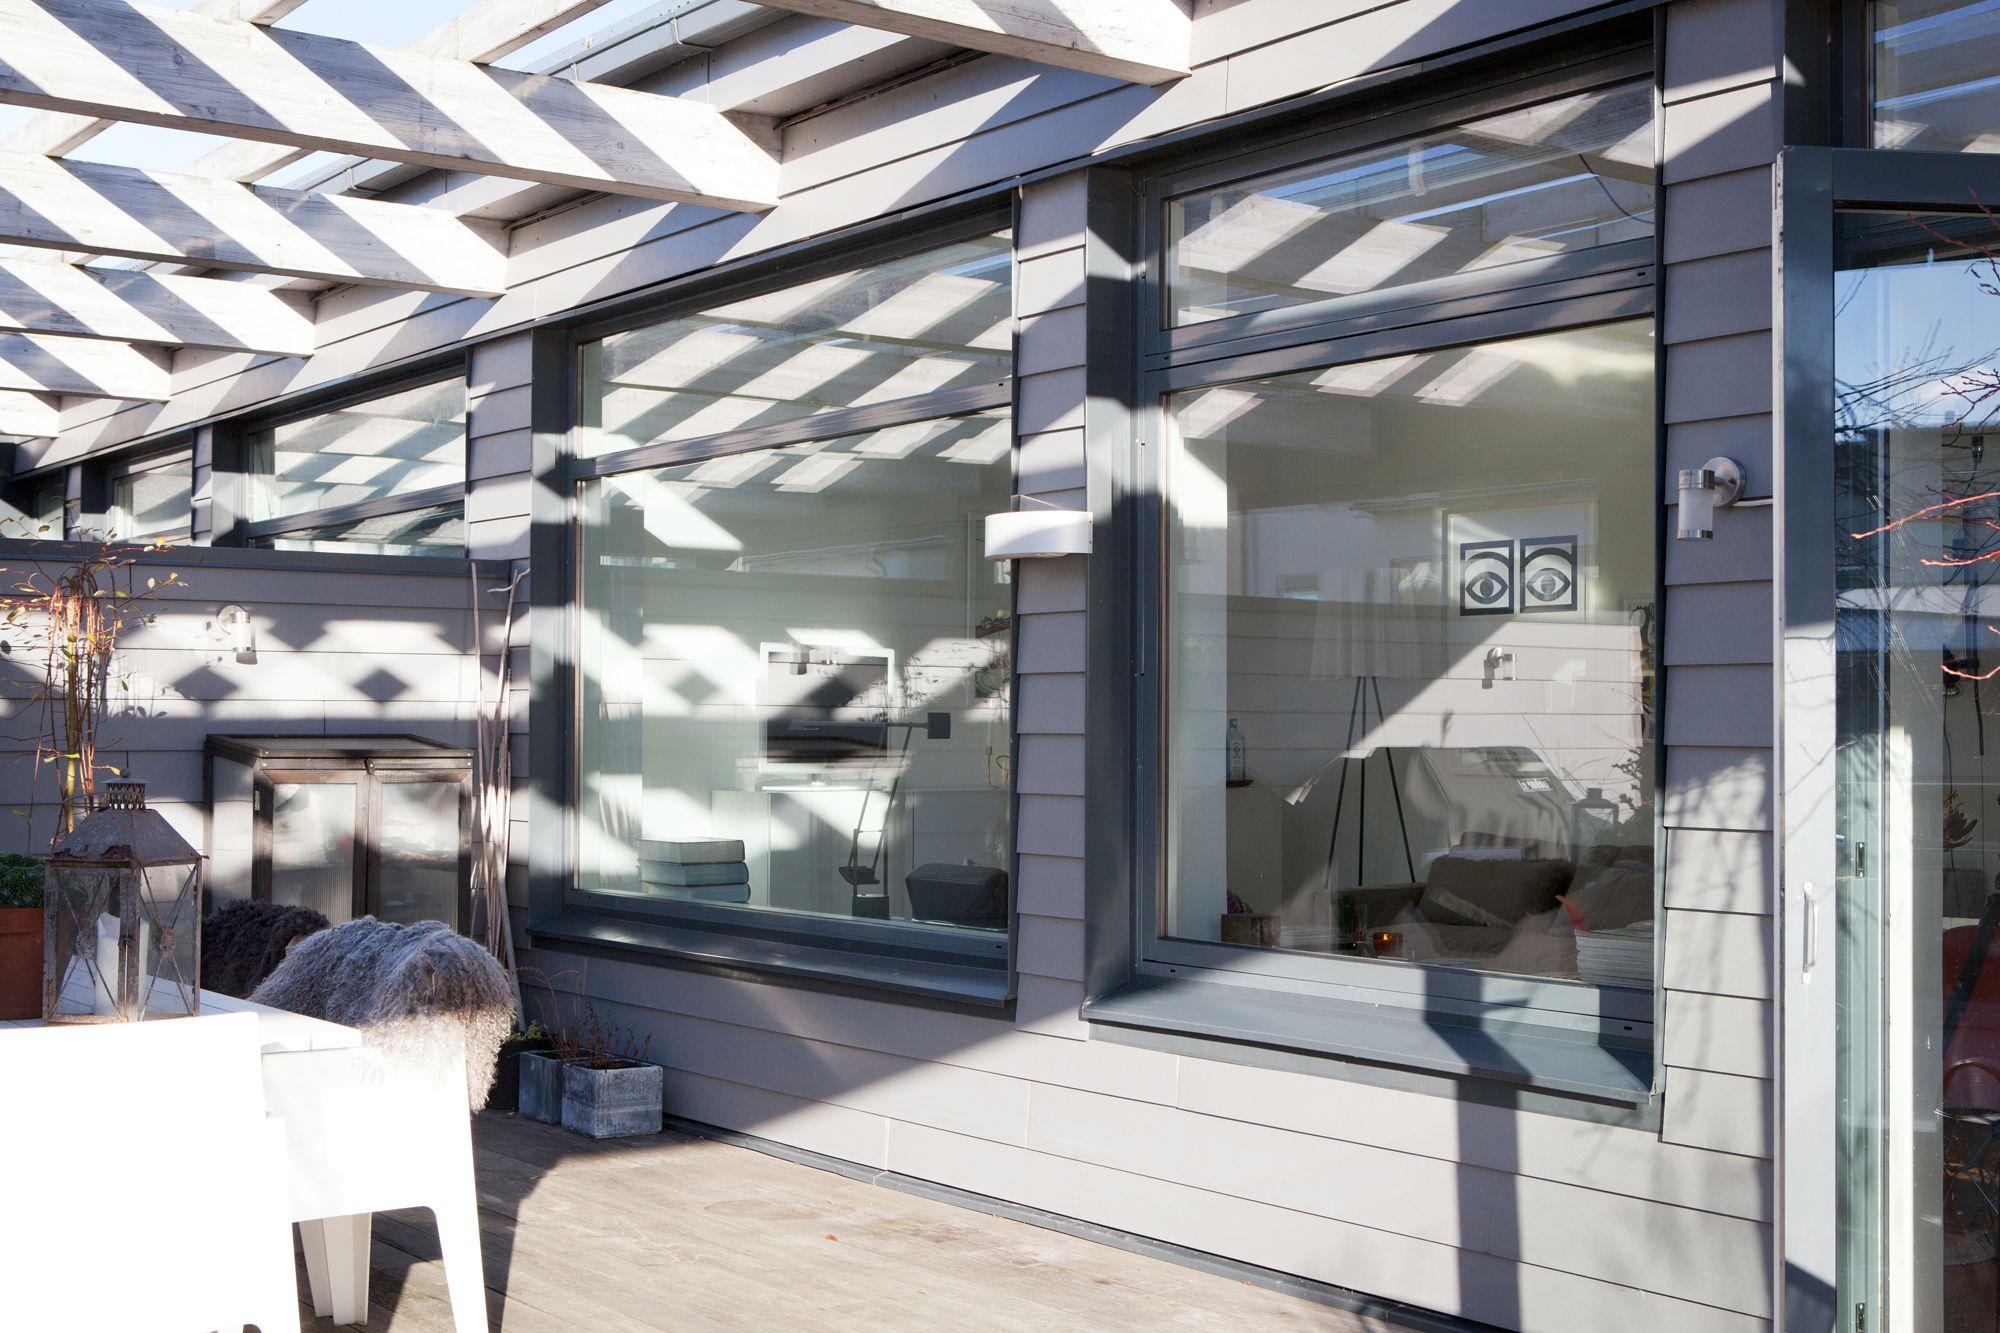 muebles de diseo estilo nrdico escandinavo diseo de exteriores terrazas decoracin interiores pequeos decoracin diseo ticos